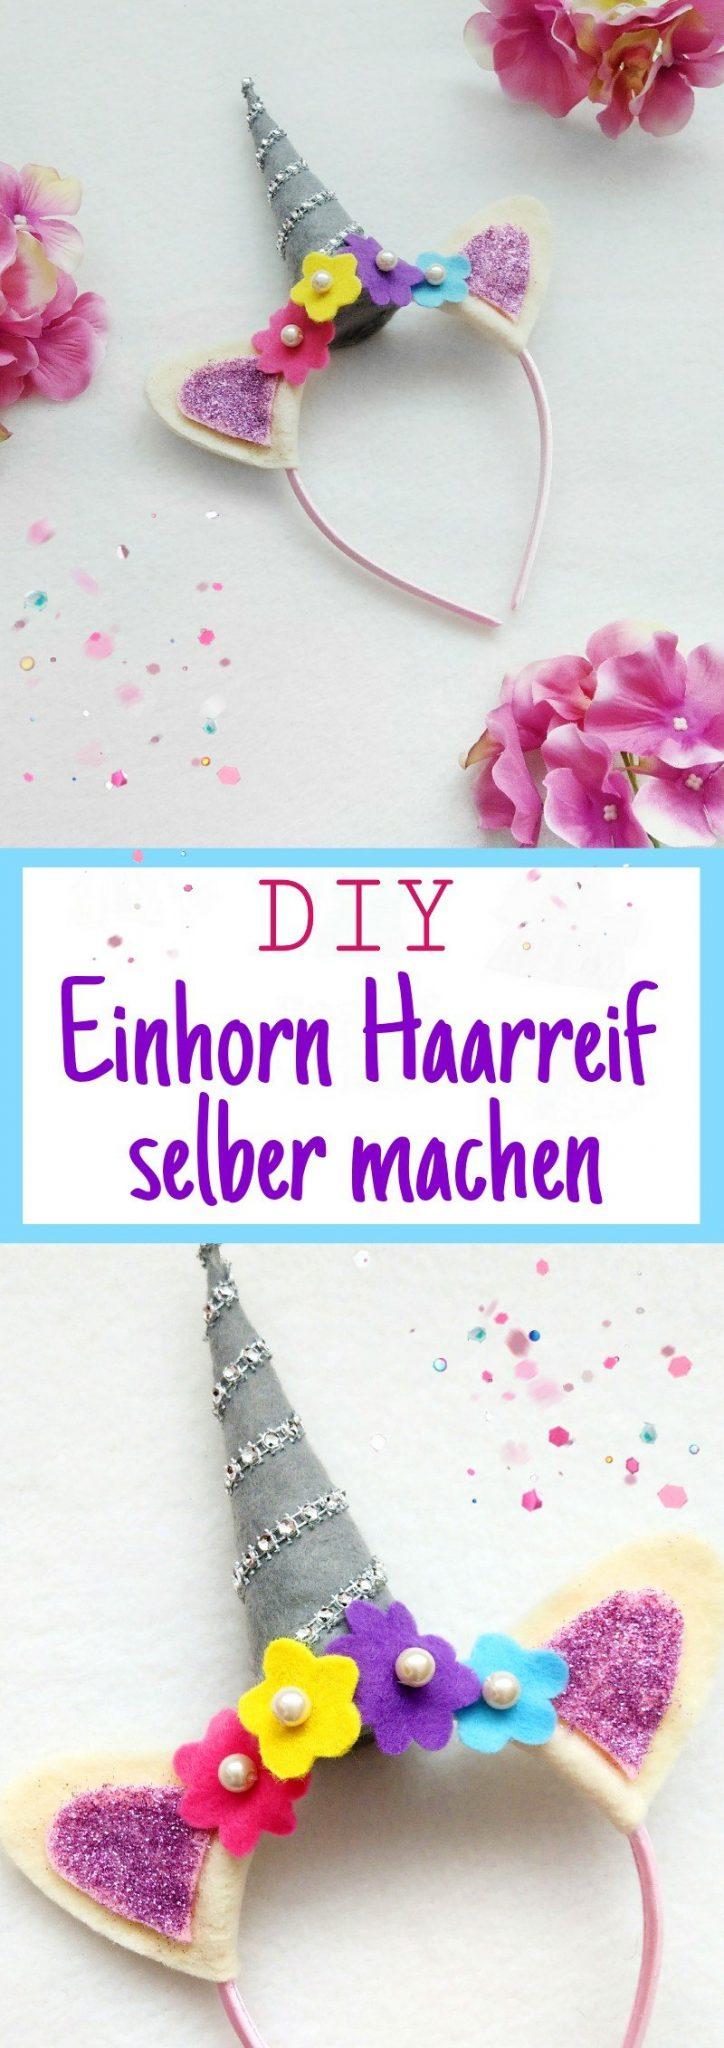 Hier zeige ich euch Schritt für Schritt wie ihr einen DIY Einhorn haarreif selber machen könnt. Ob zur nächsten Einhornparty, den Kindergeburtstag oder als Verleidung für zwischendurch, Kinder werden ihn lieben.